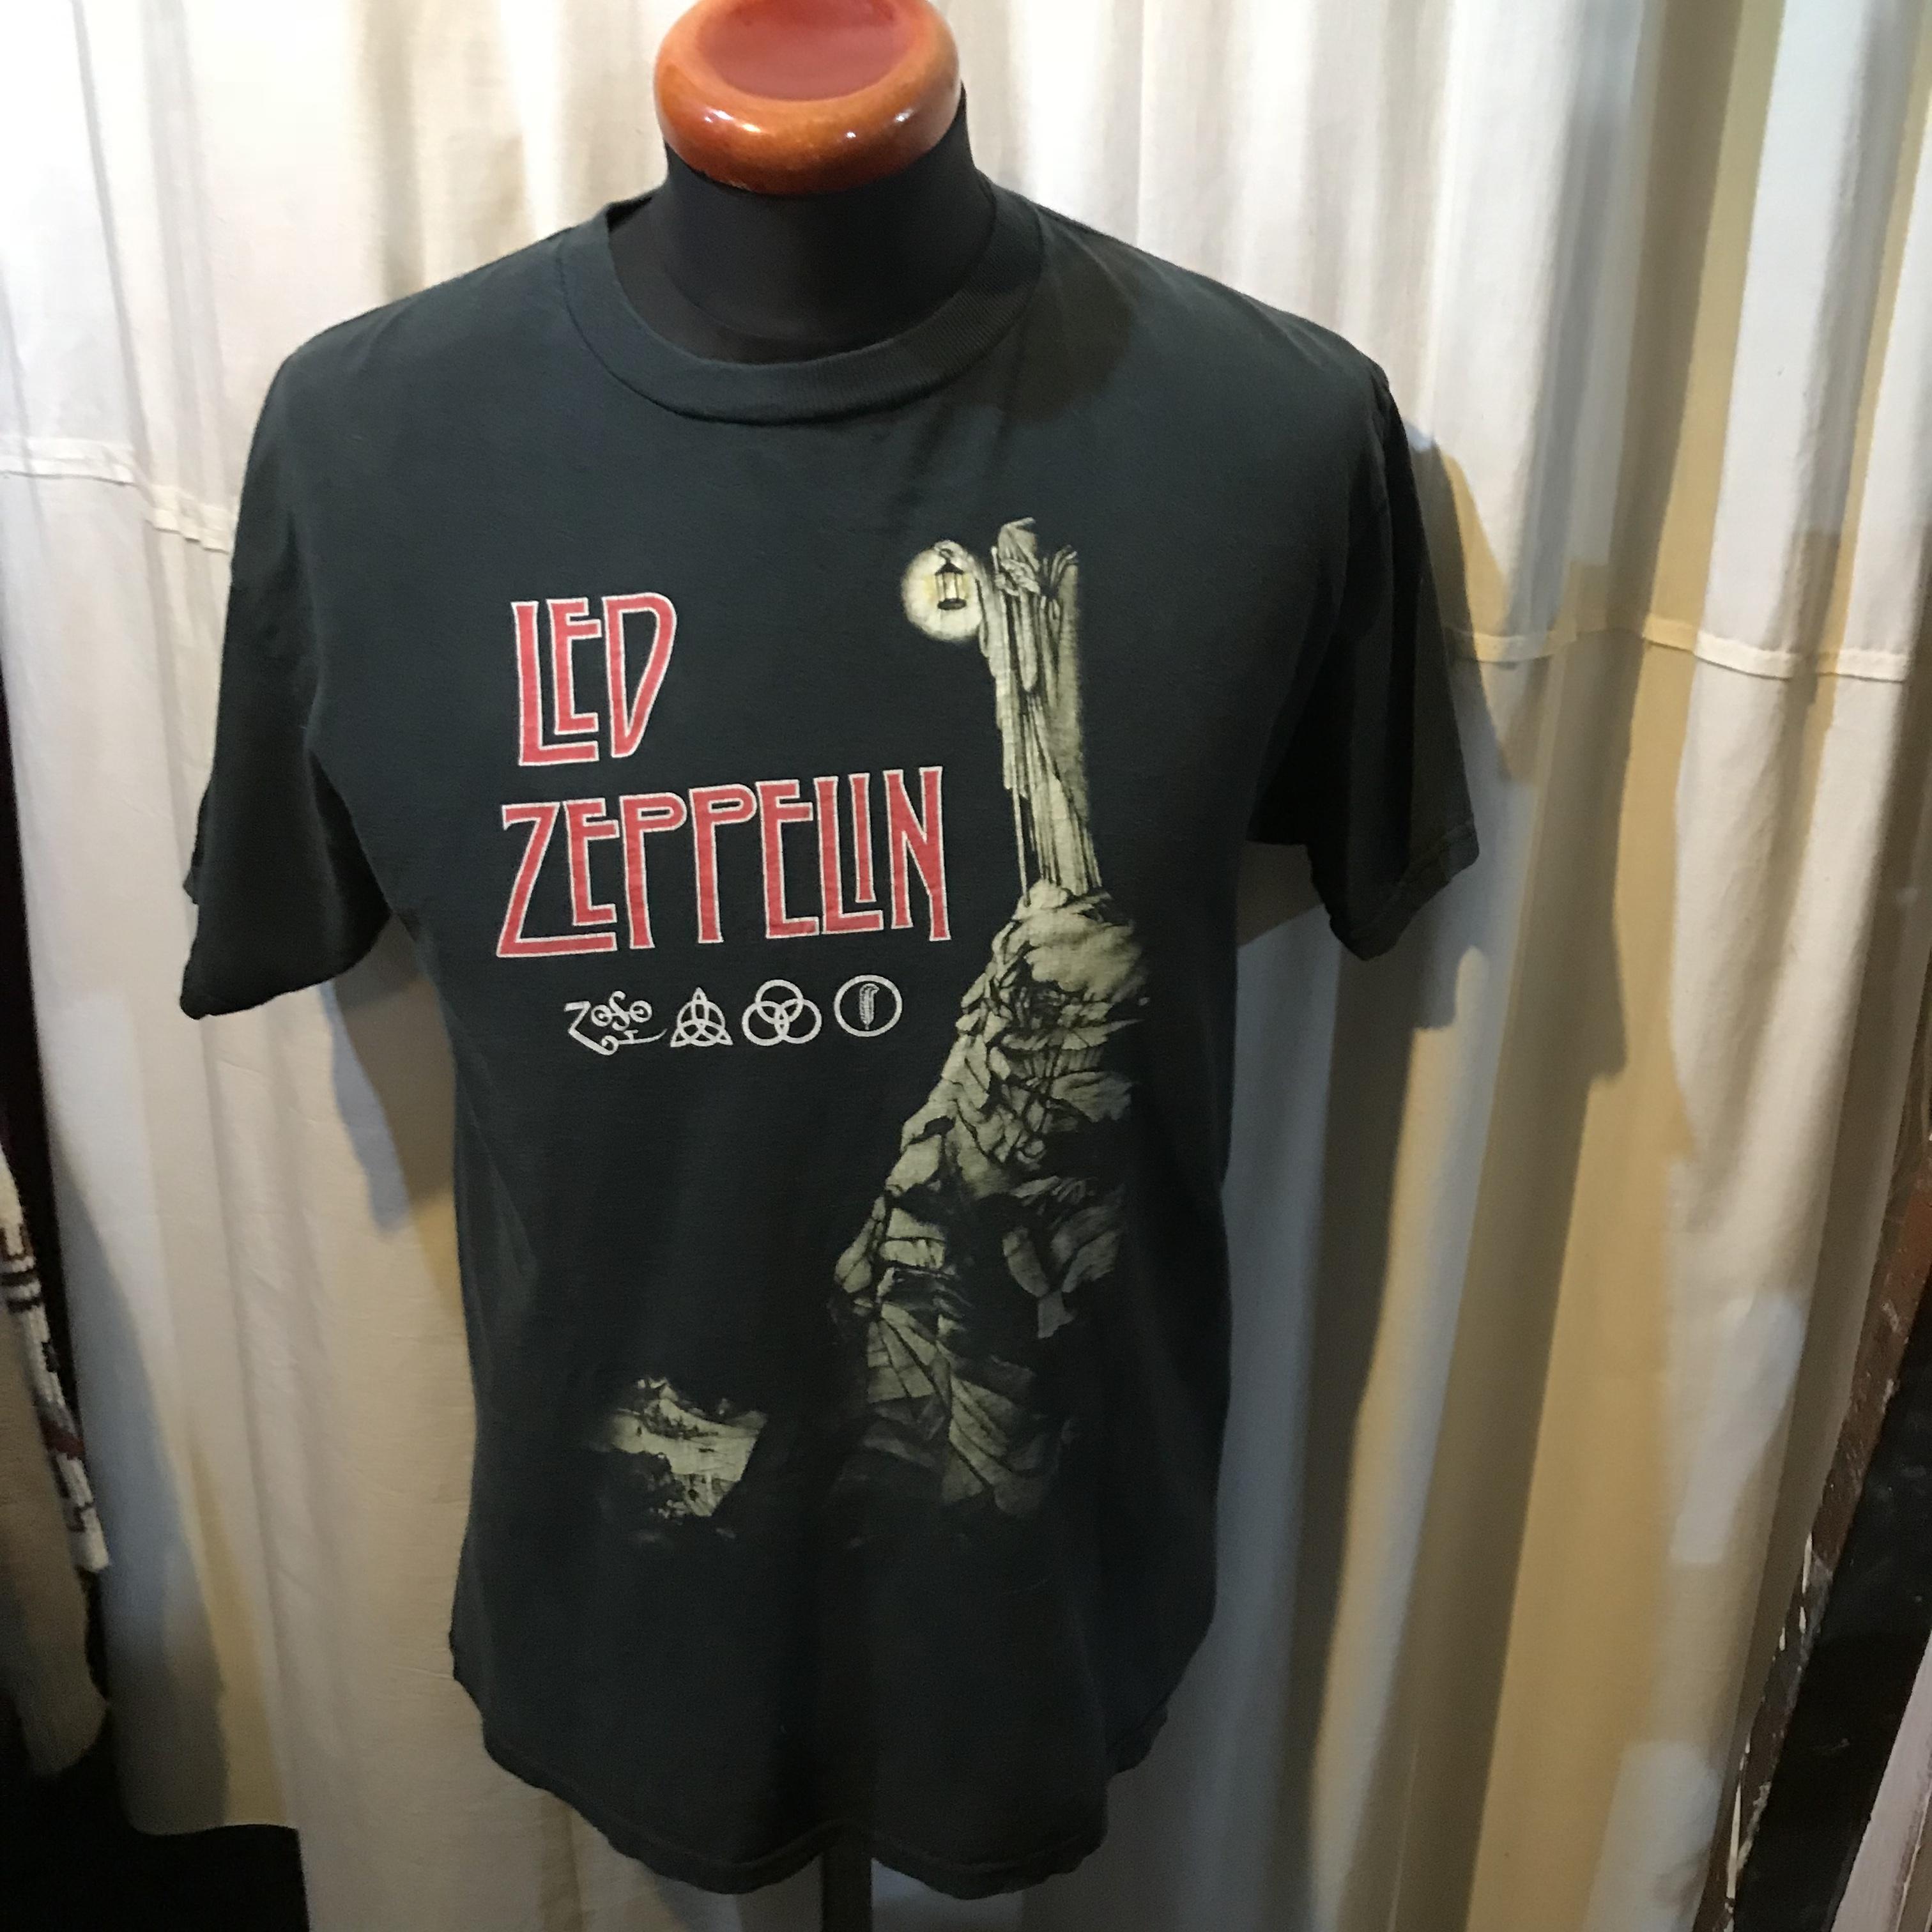 LED ZEPPELIN レッドツェッペリン 半袖Tシャツ メンズM